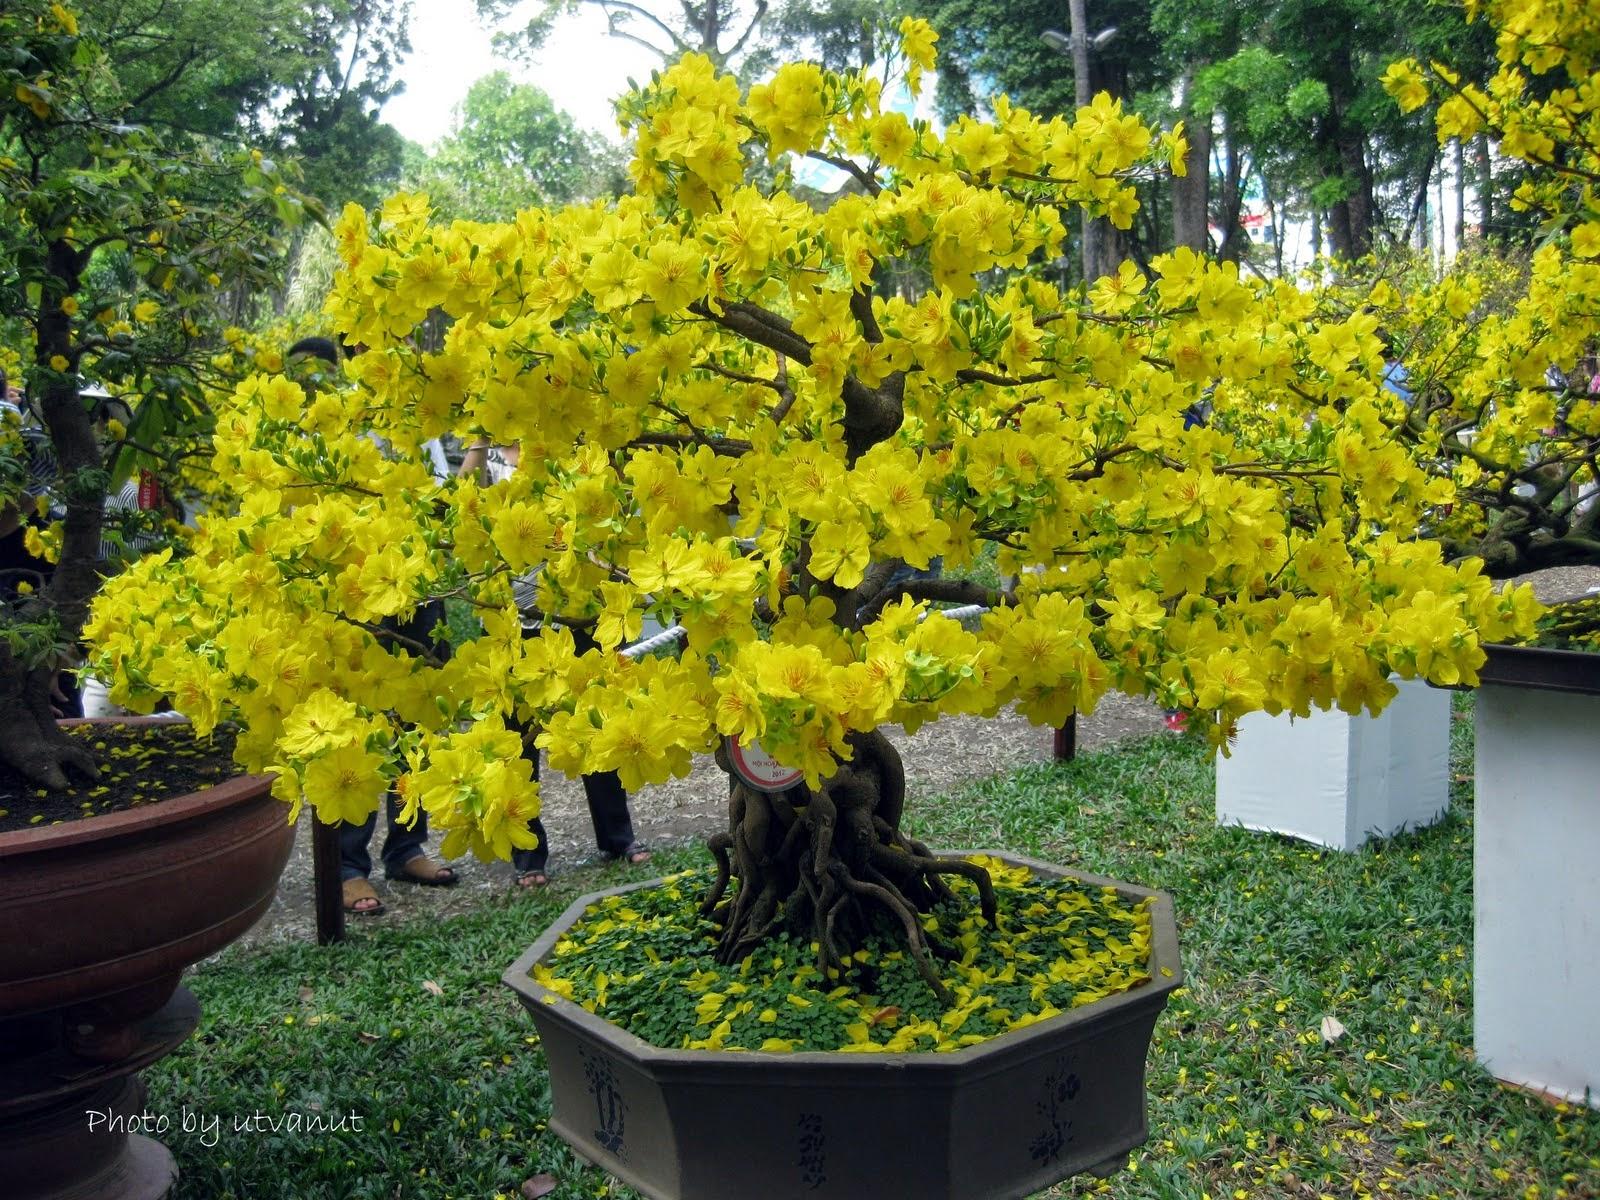 Chậu cây cảnh hoa mai vàng rất đẹp